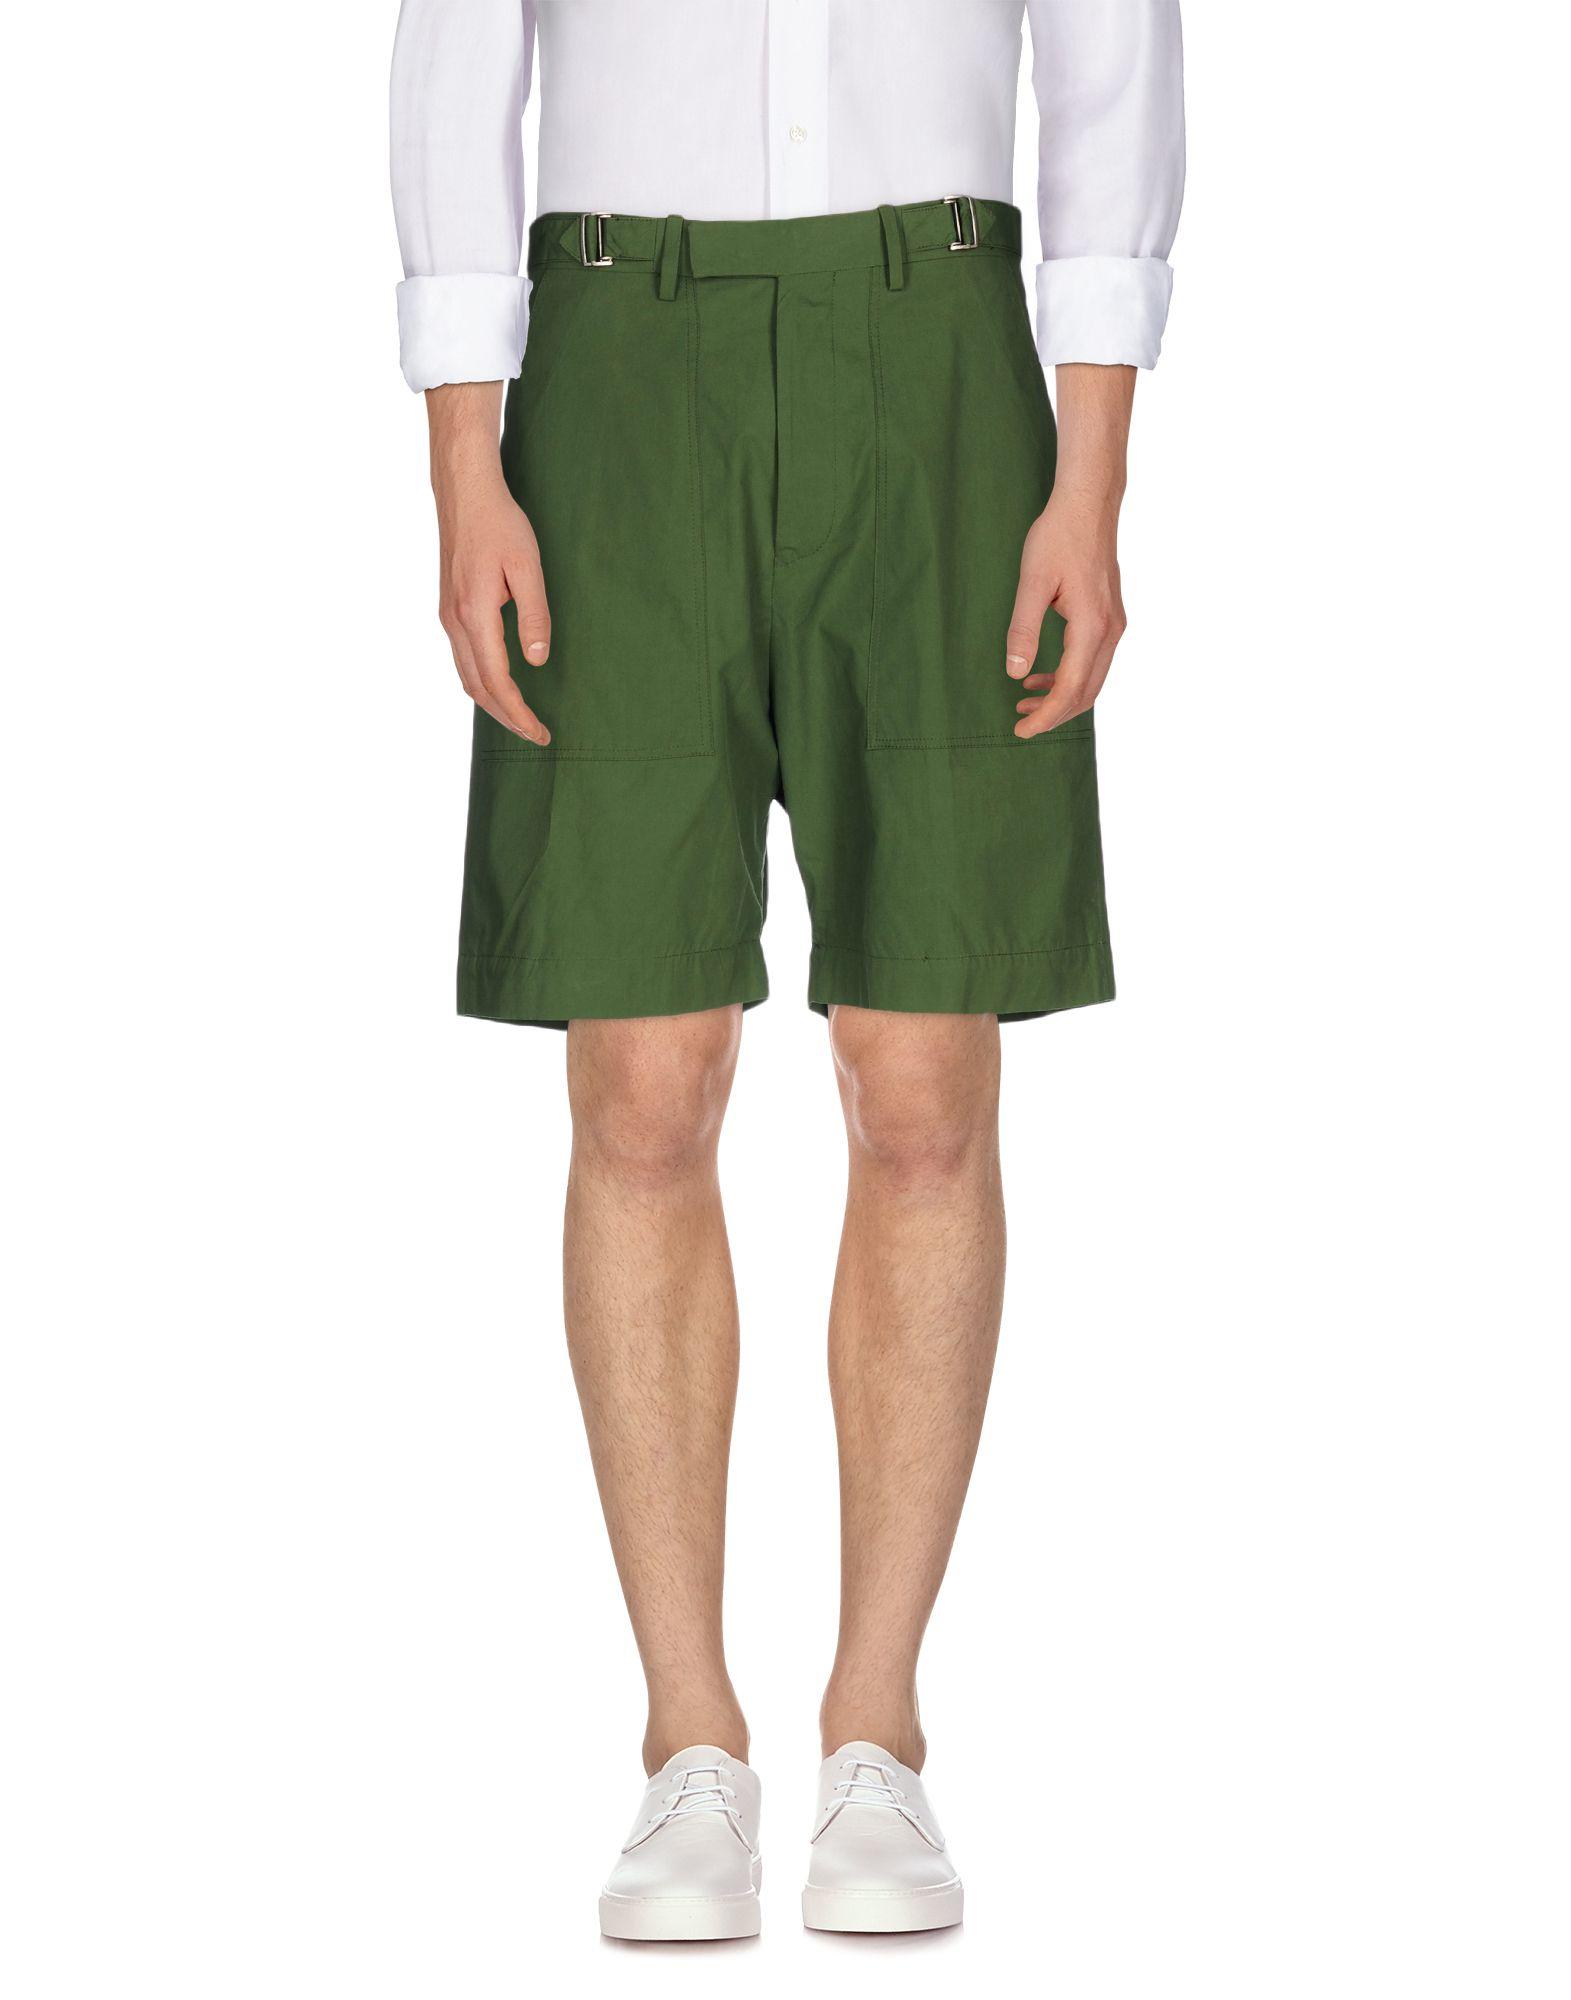 Umit benan Bermuda Shorts in Green for Men